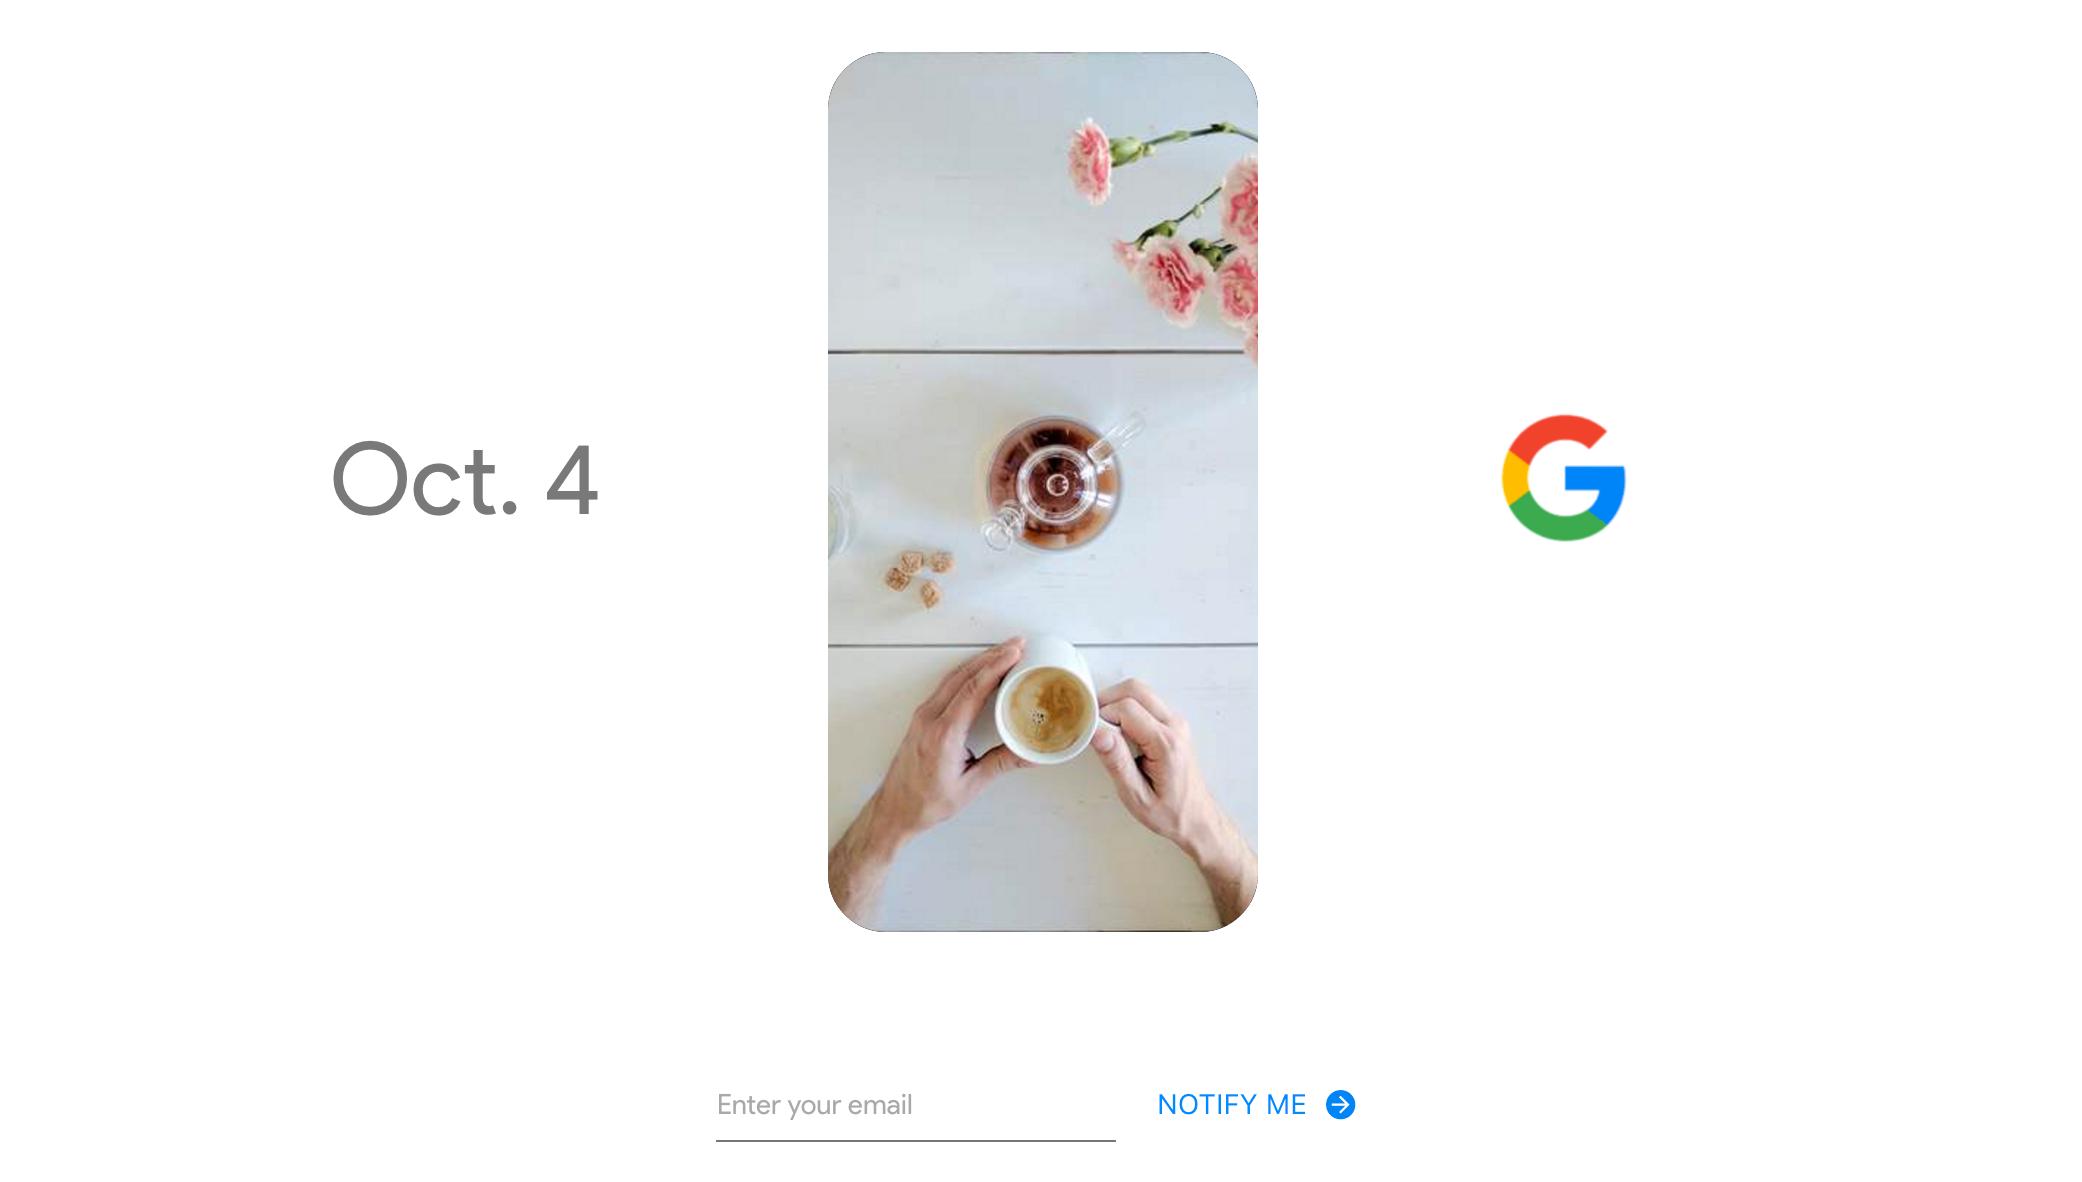 Google har lagt ut dette teaser-bildet til sin lansering 4. oktober.